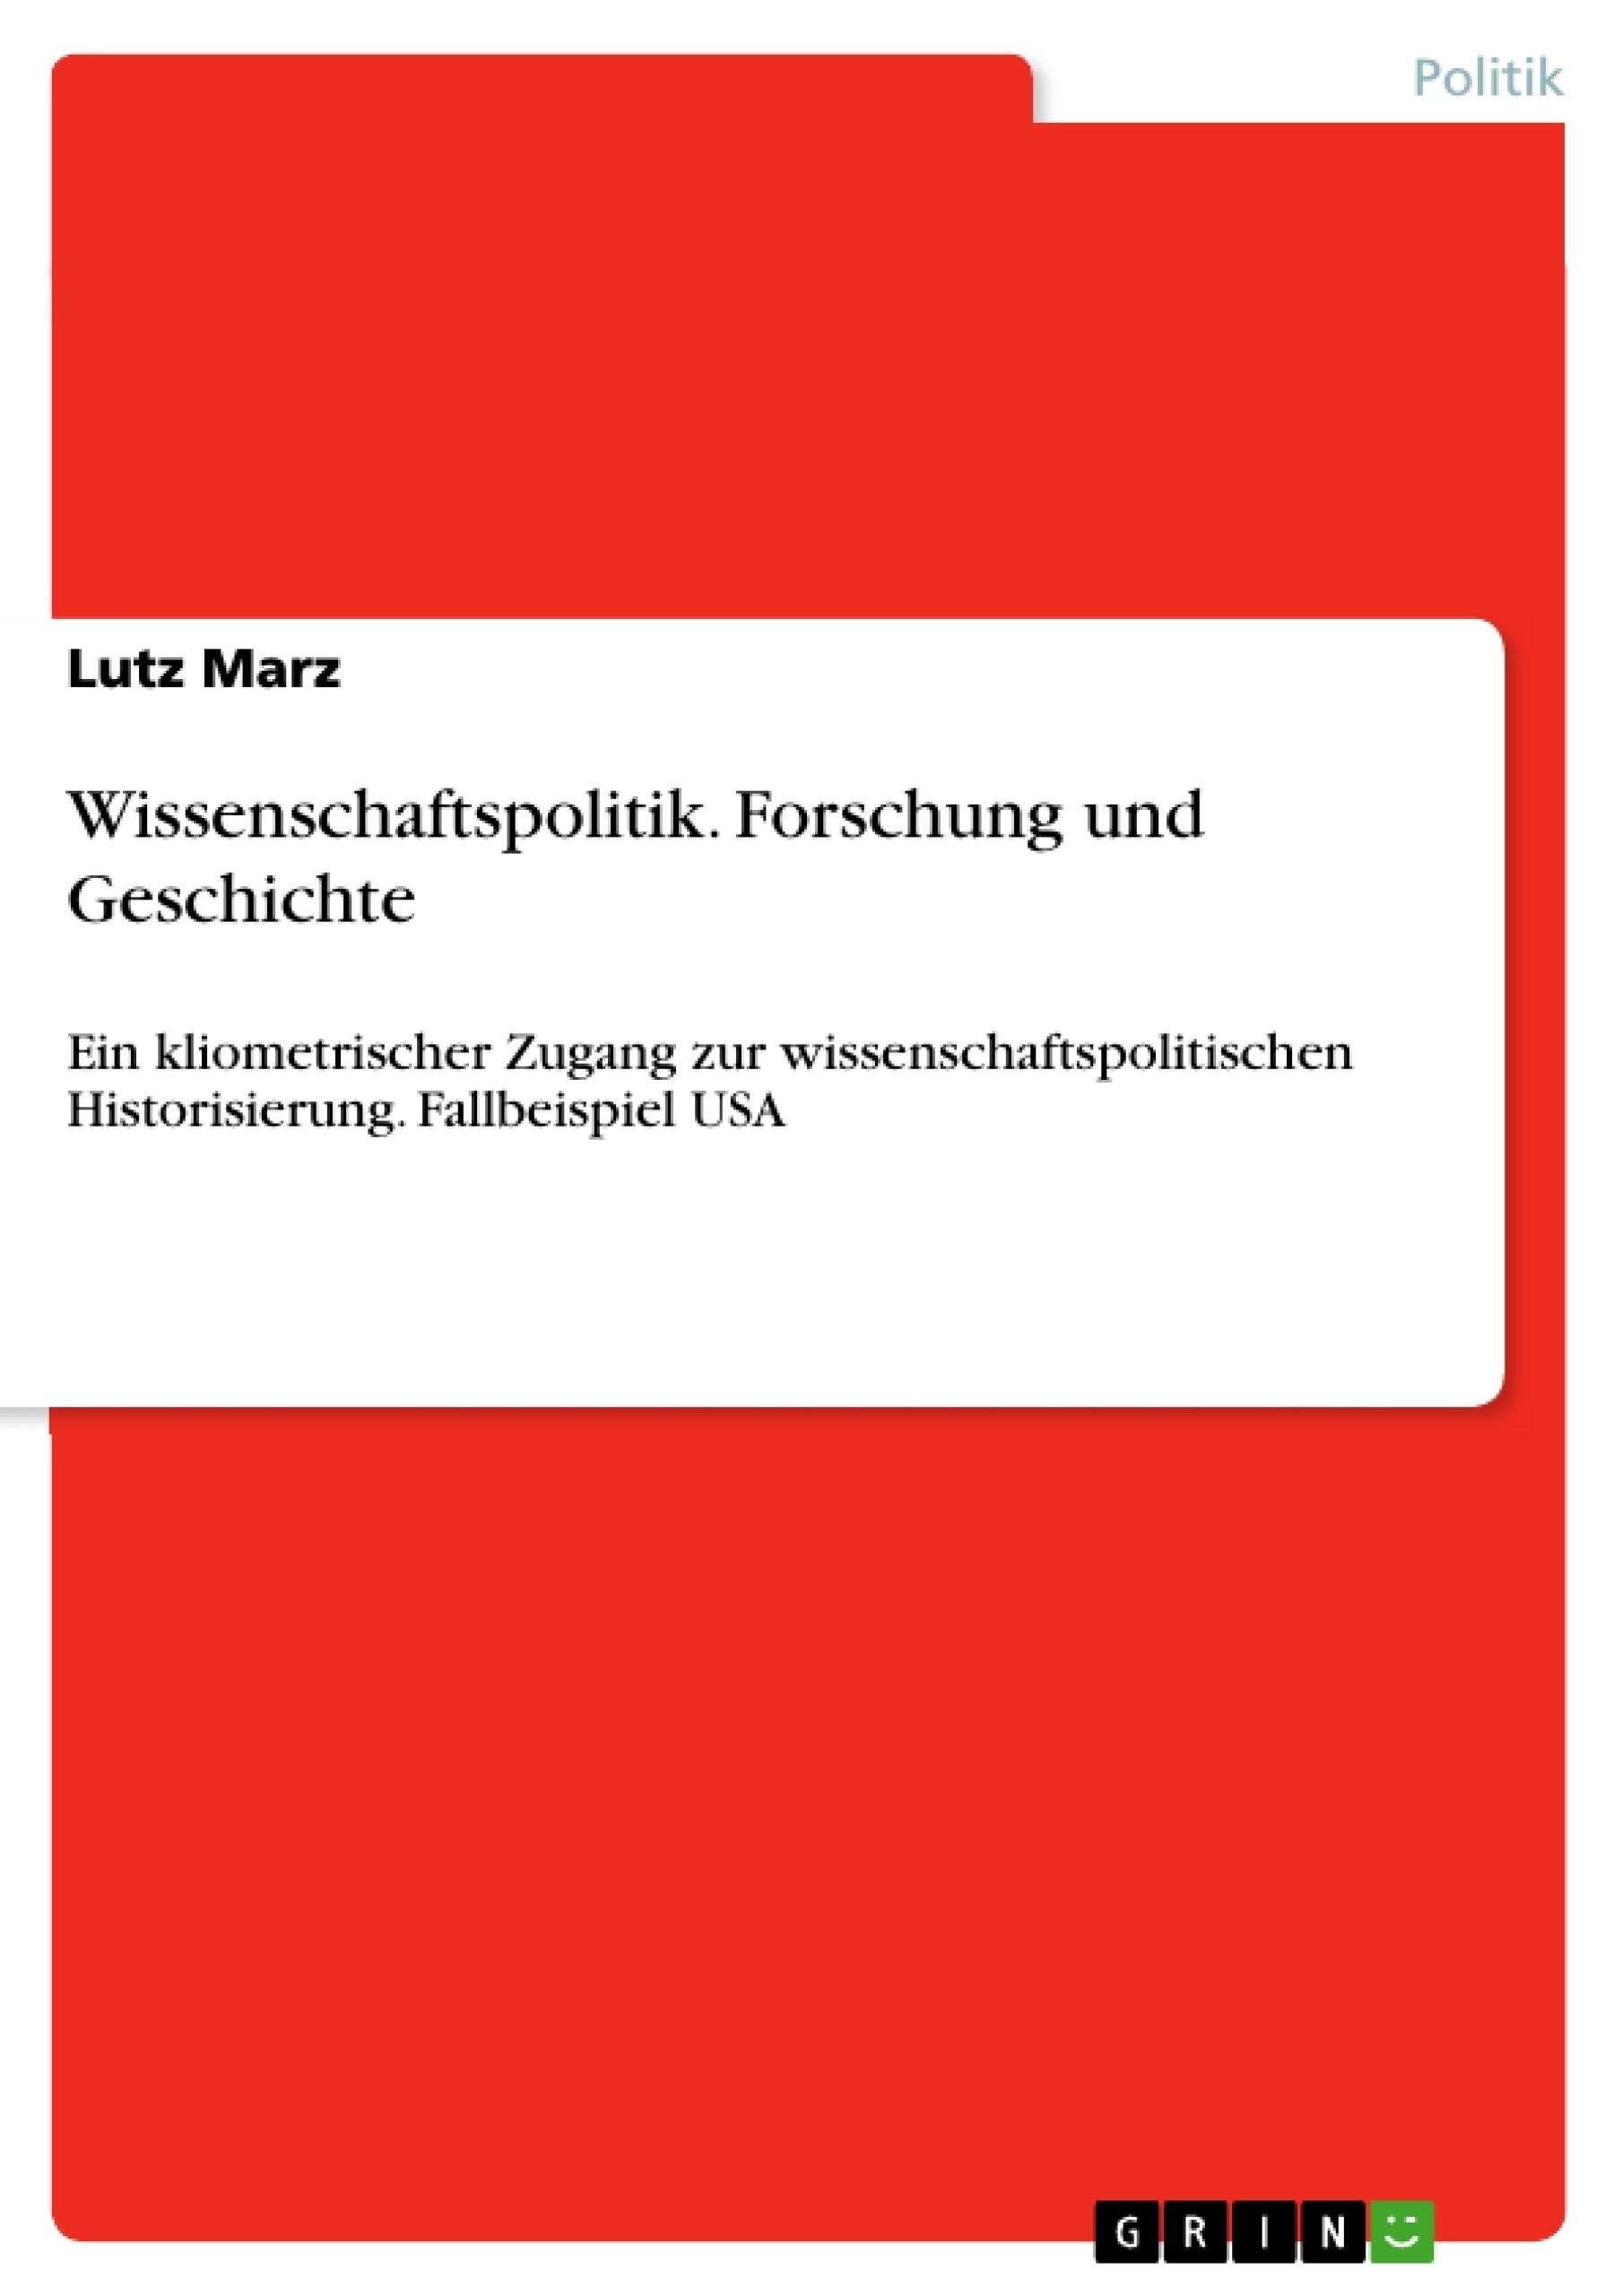 Titel: Wissenschaftspolitik. Forschung und Geschichte